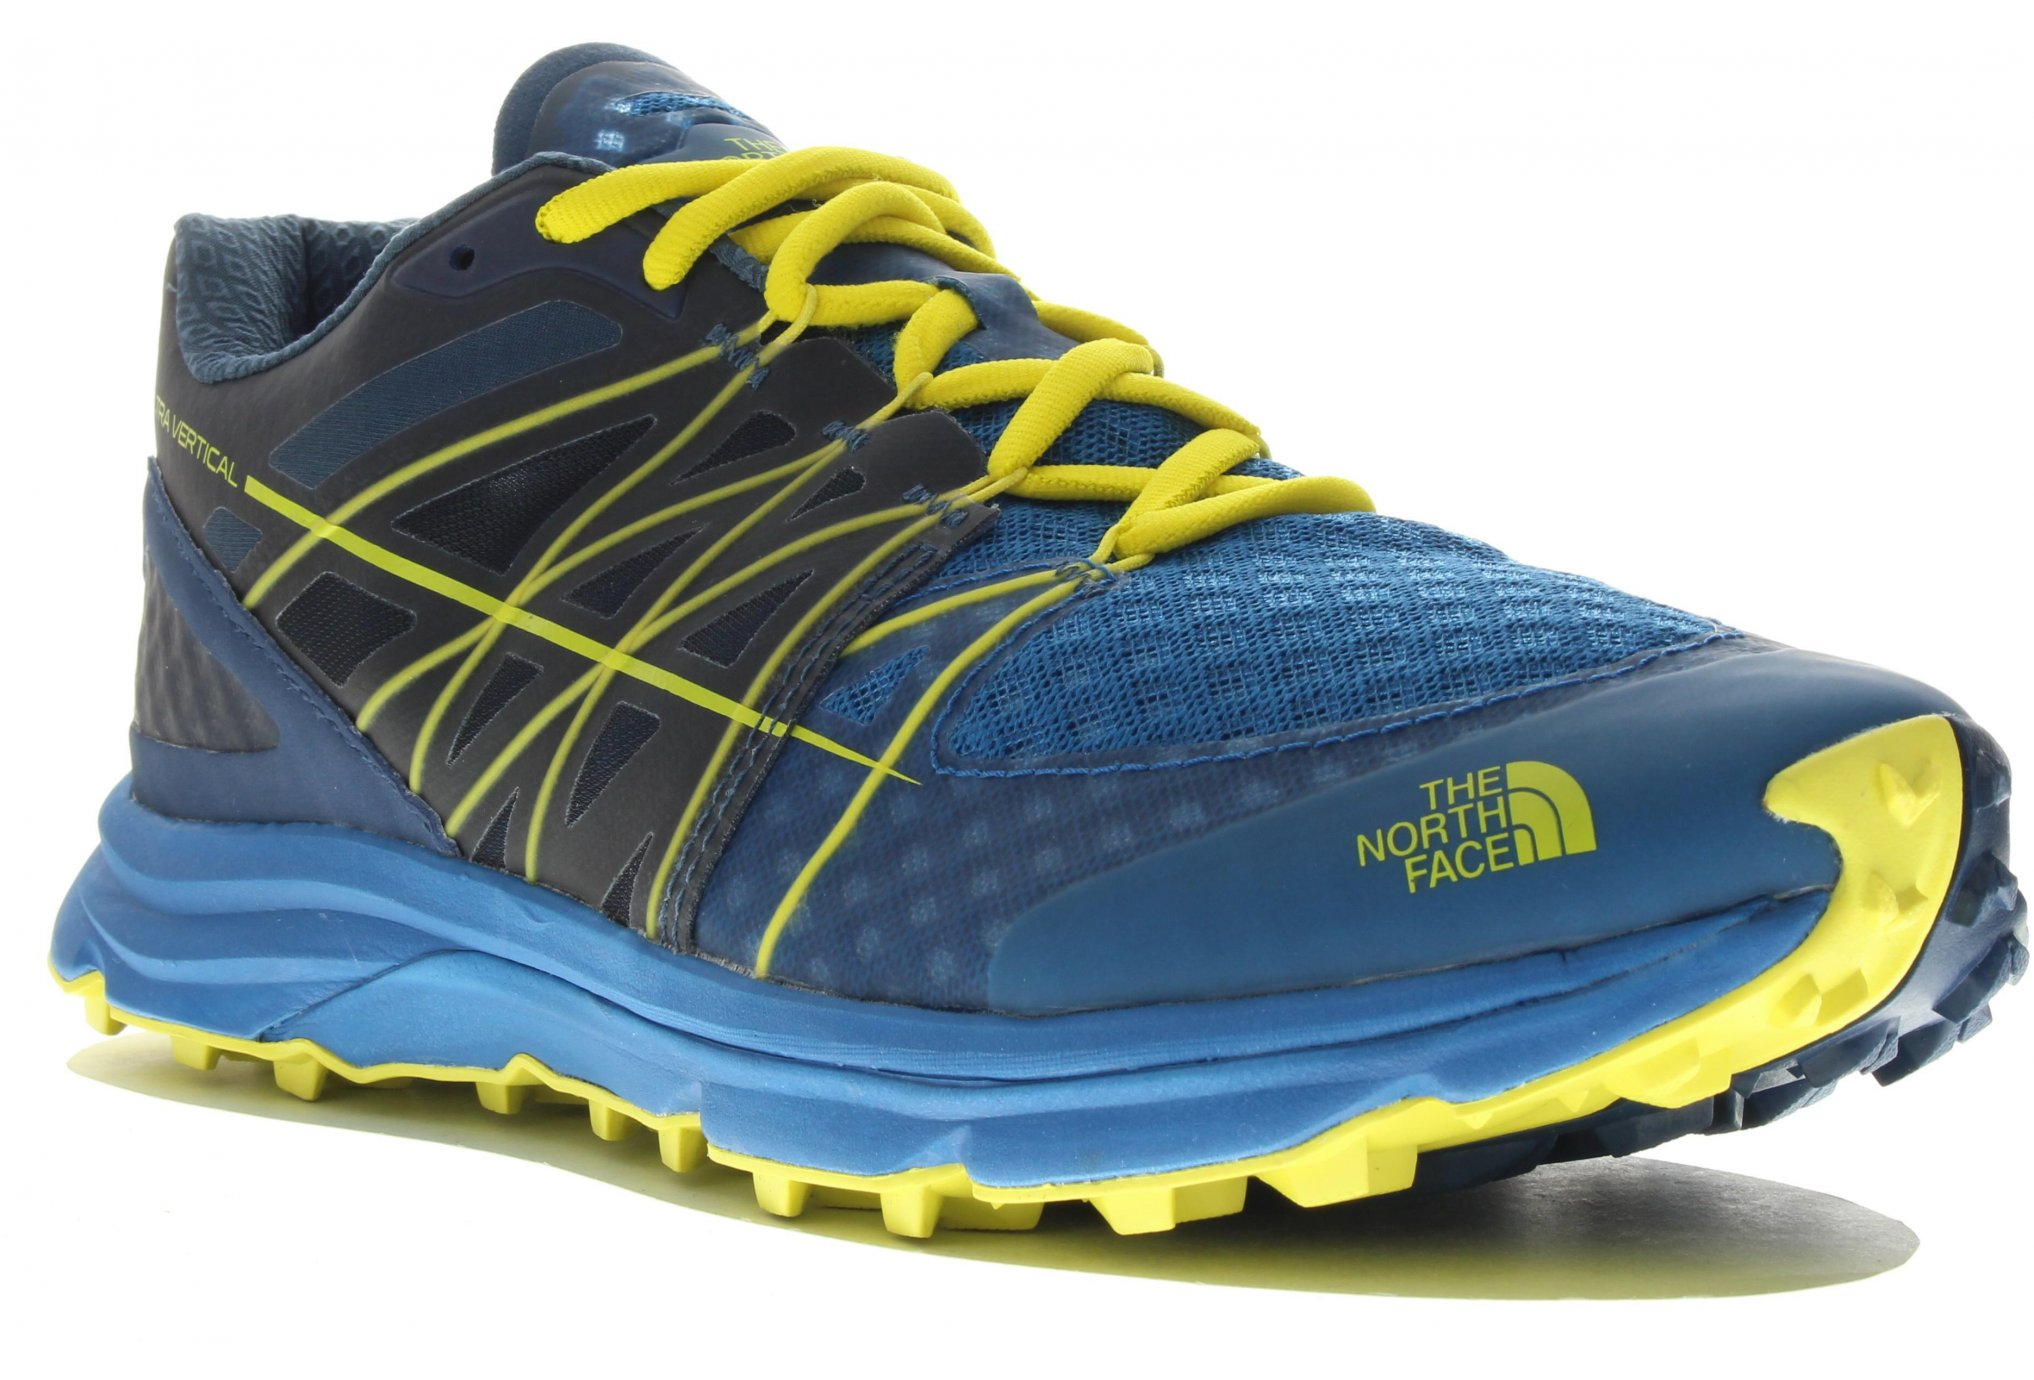 grande remise qualité authentique produits chauds Conseil chaussure de trail : drop faible et contrôle de la ...